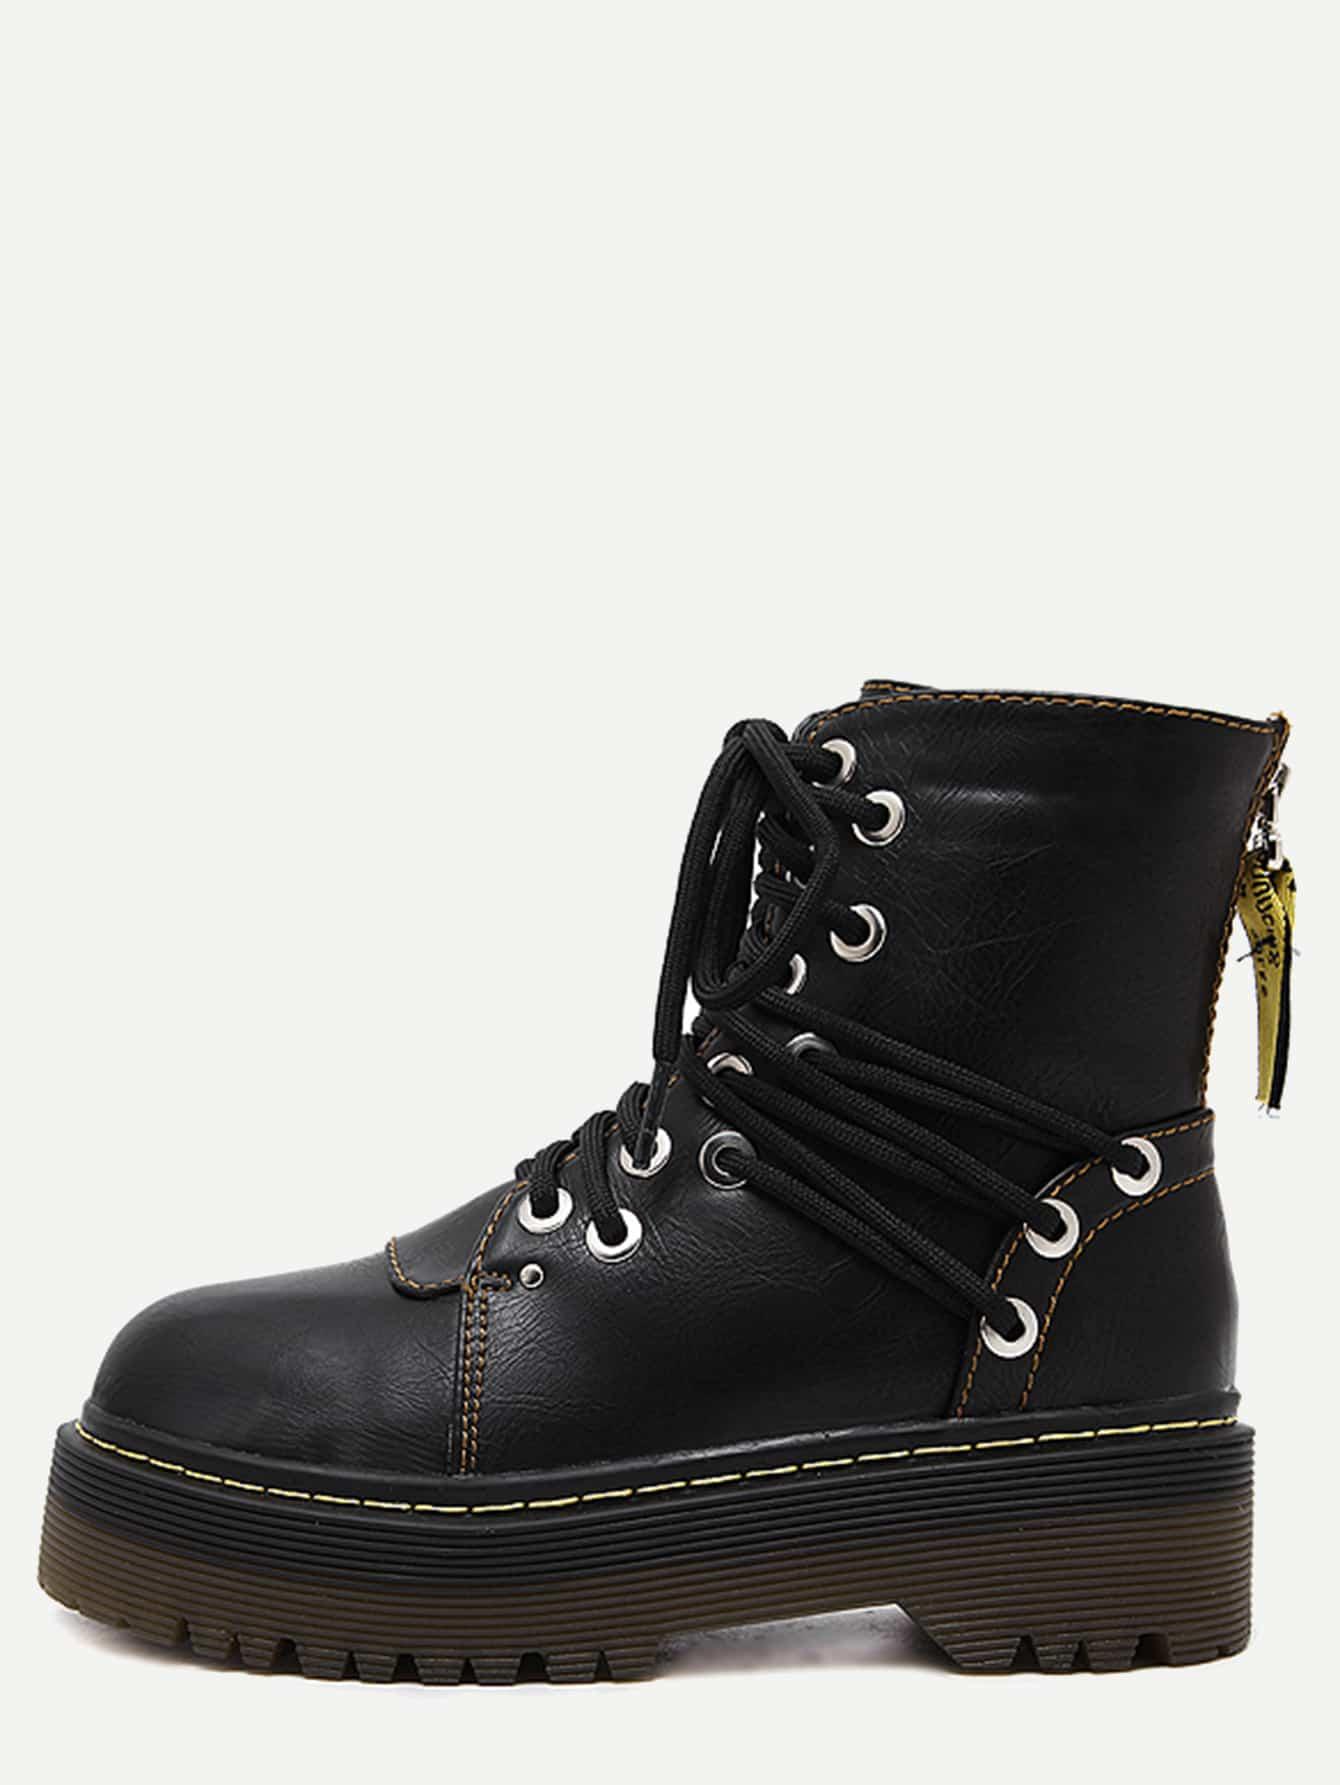 shoes161108813_2